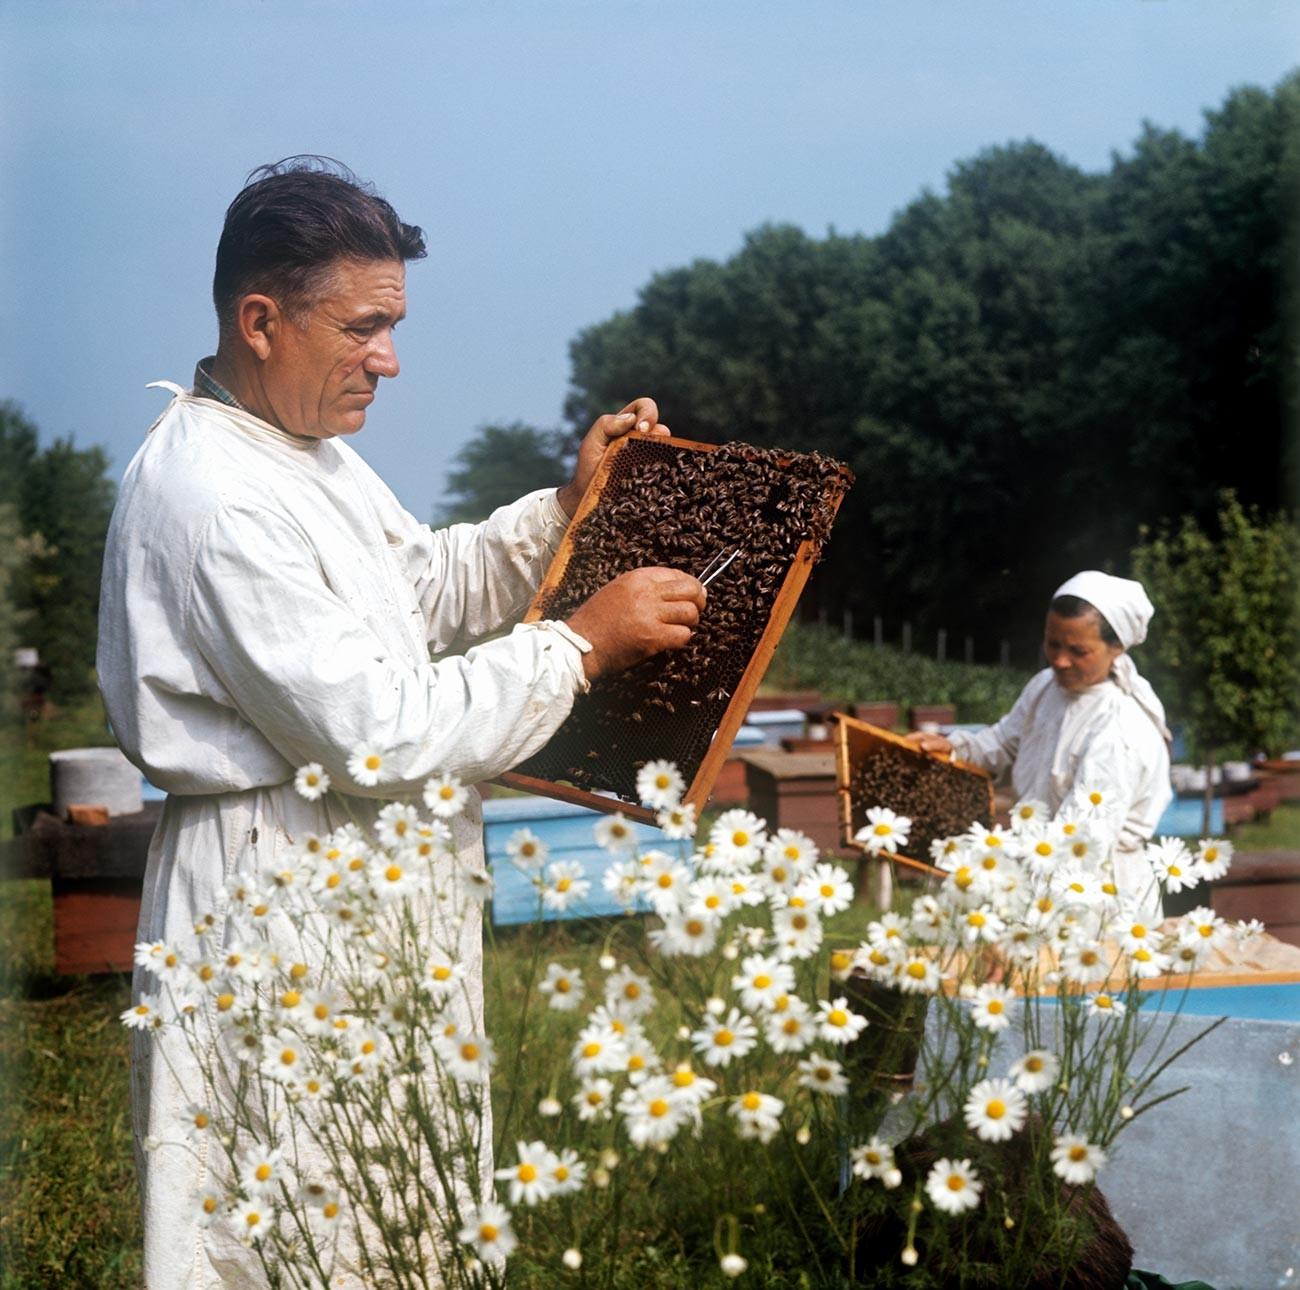 El apicultor Anton Lupulchuk en un colmenar de la granja colectiva Mayak, en el distrito Dondiushanski. República Socialista Soviética de Moldavia, 1975.